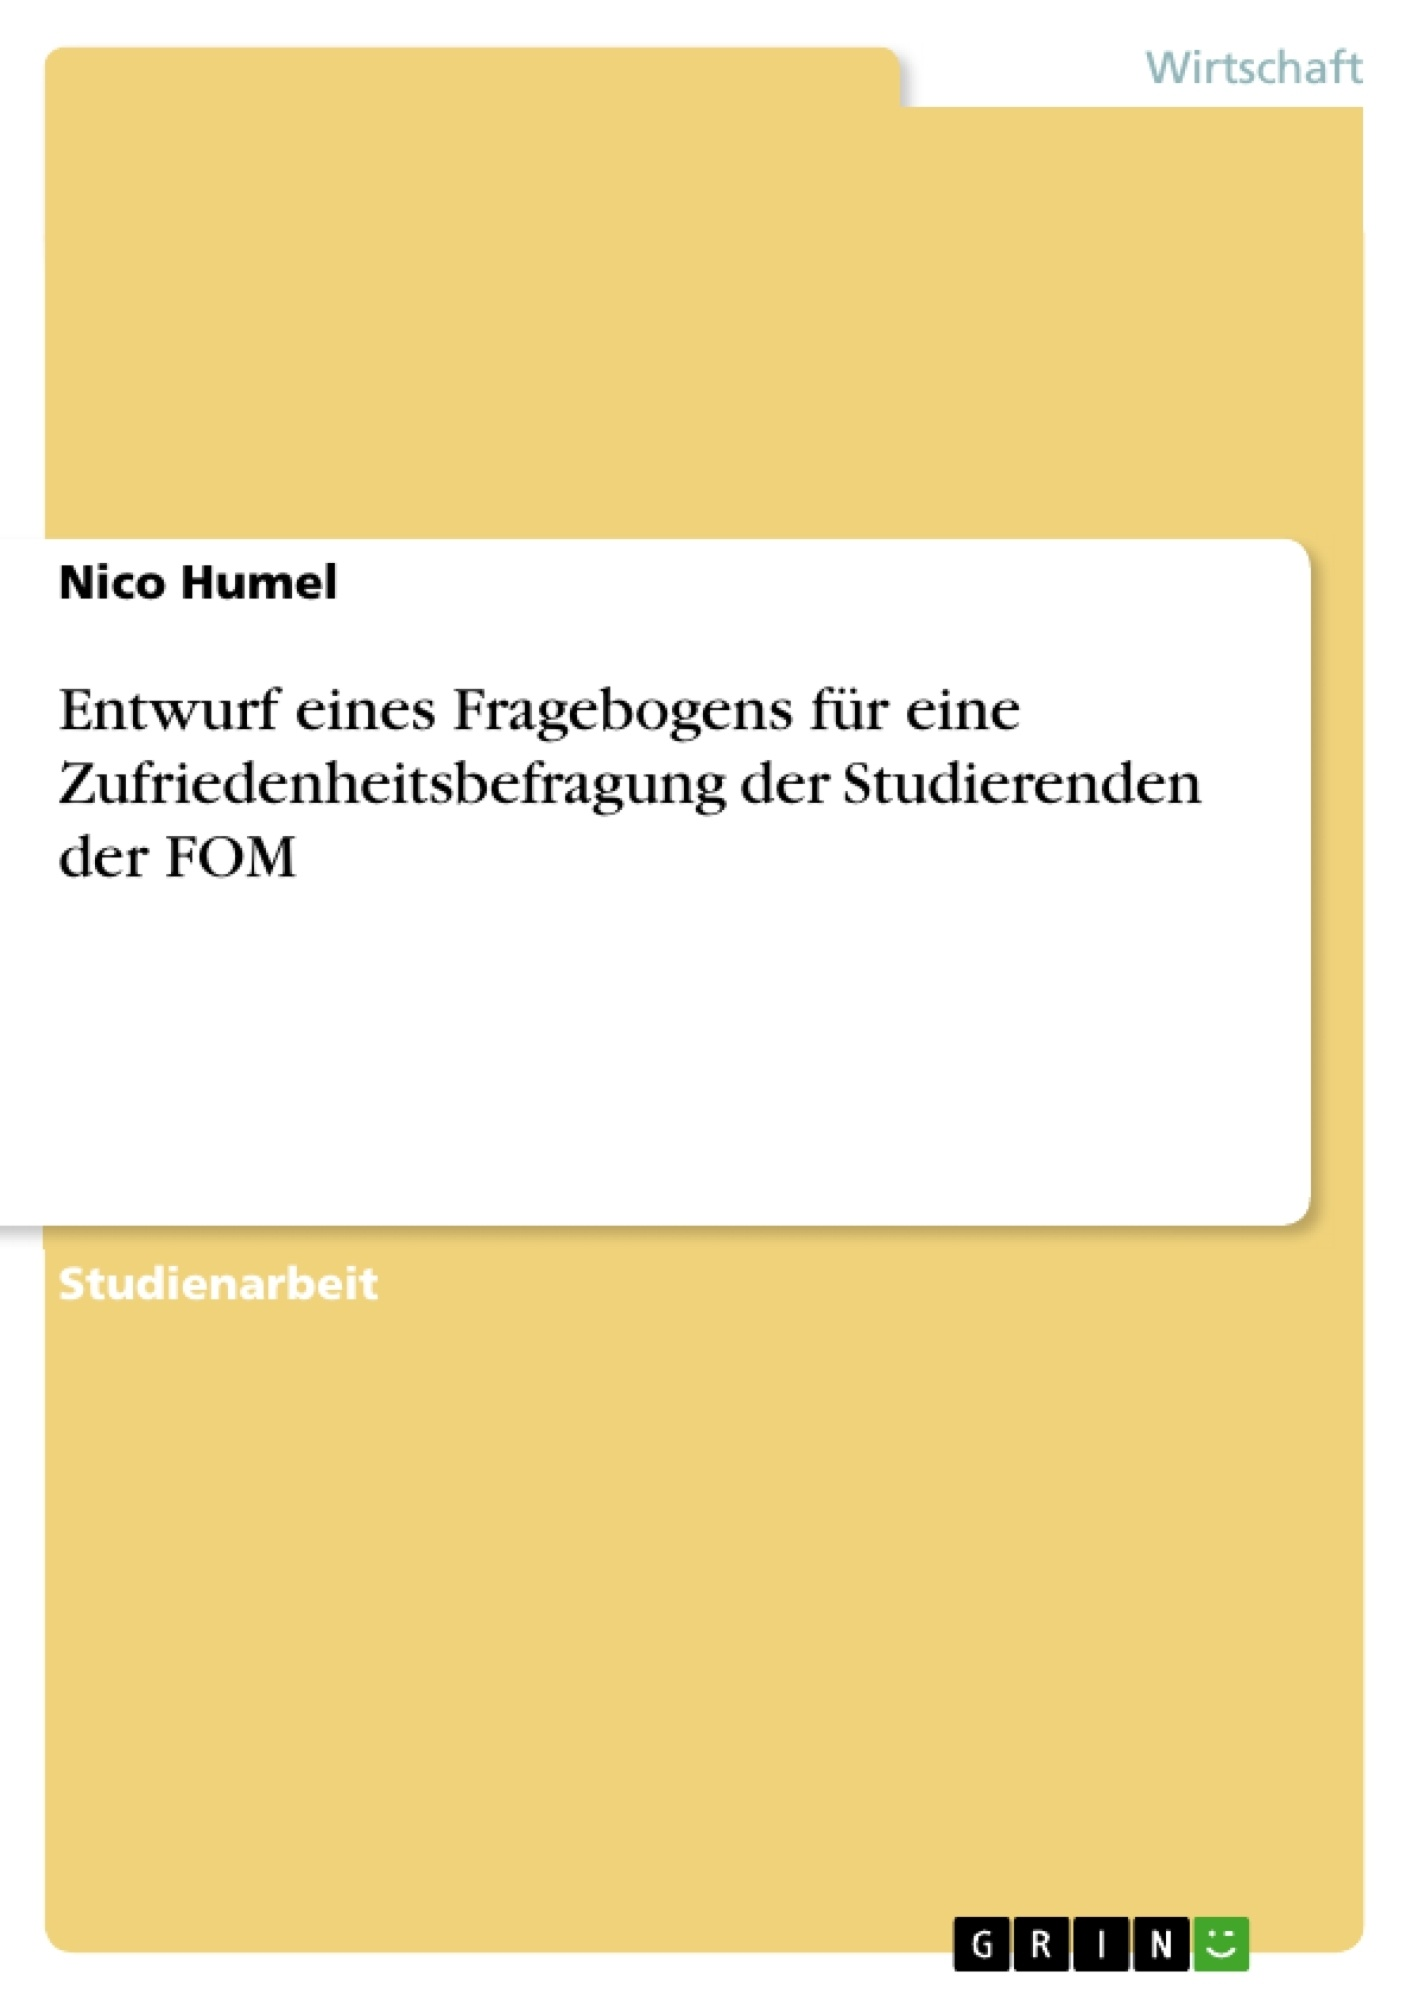 Titel: Entwurf eines Fragebogens für eine Zufriedenheitsbefragung der Studierenden der FOM